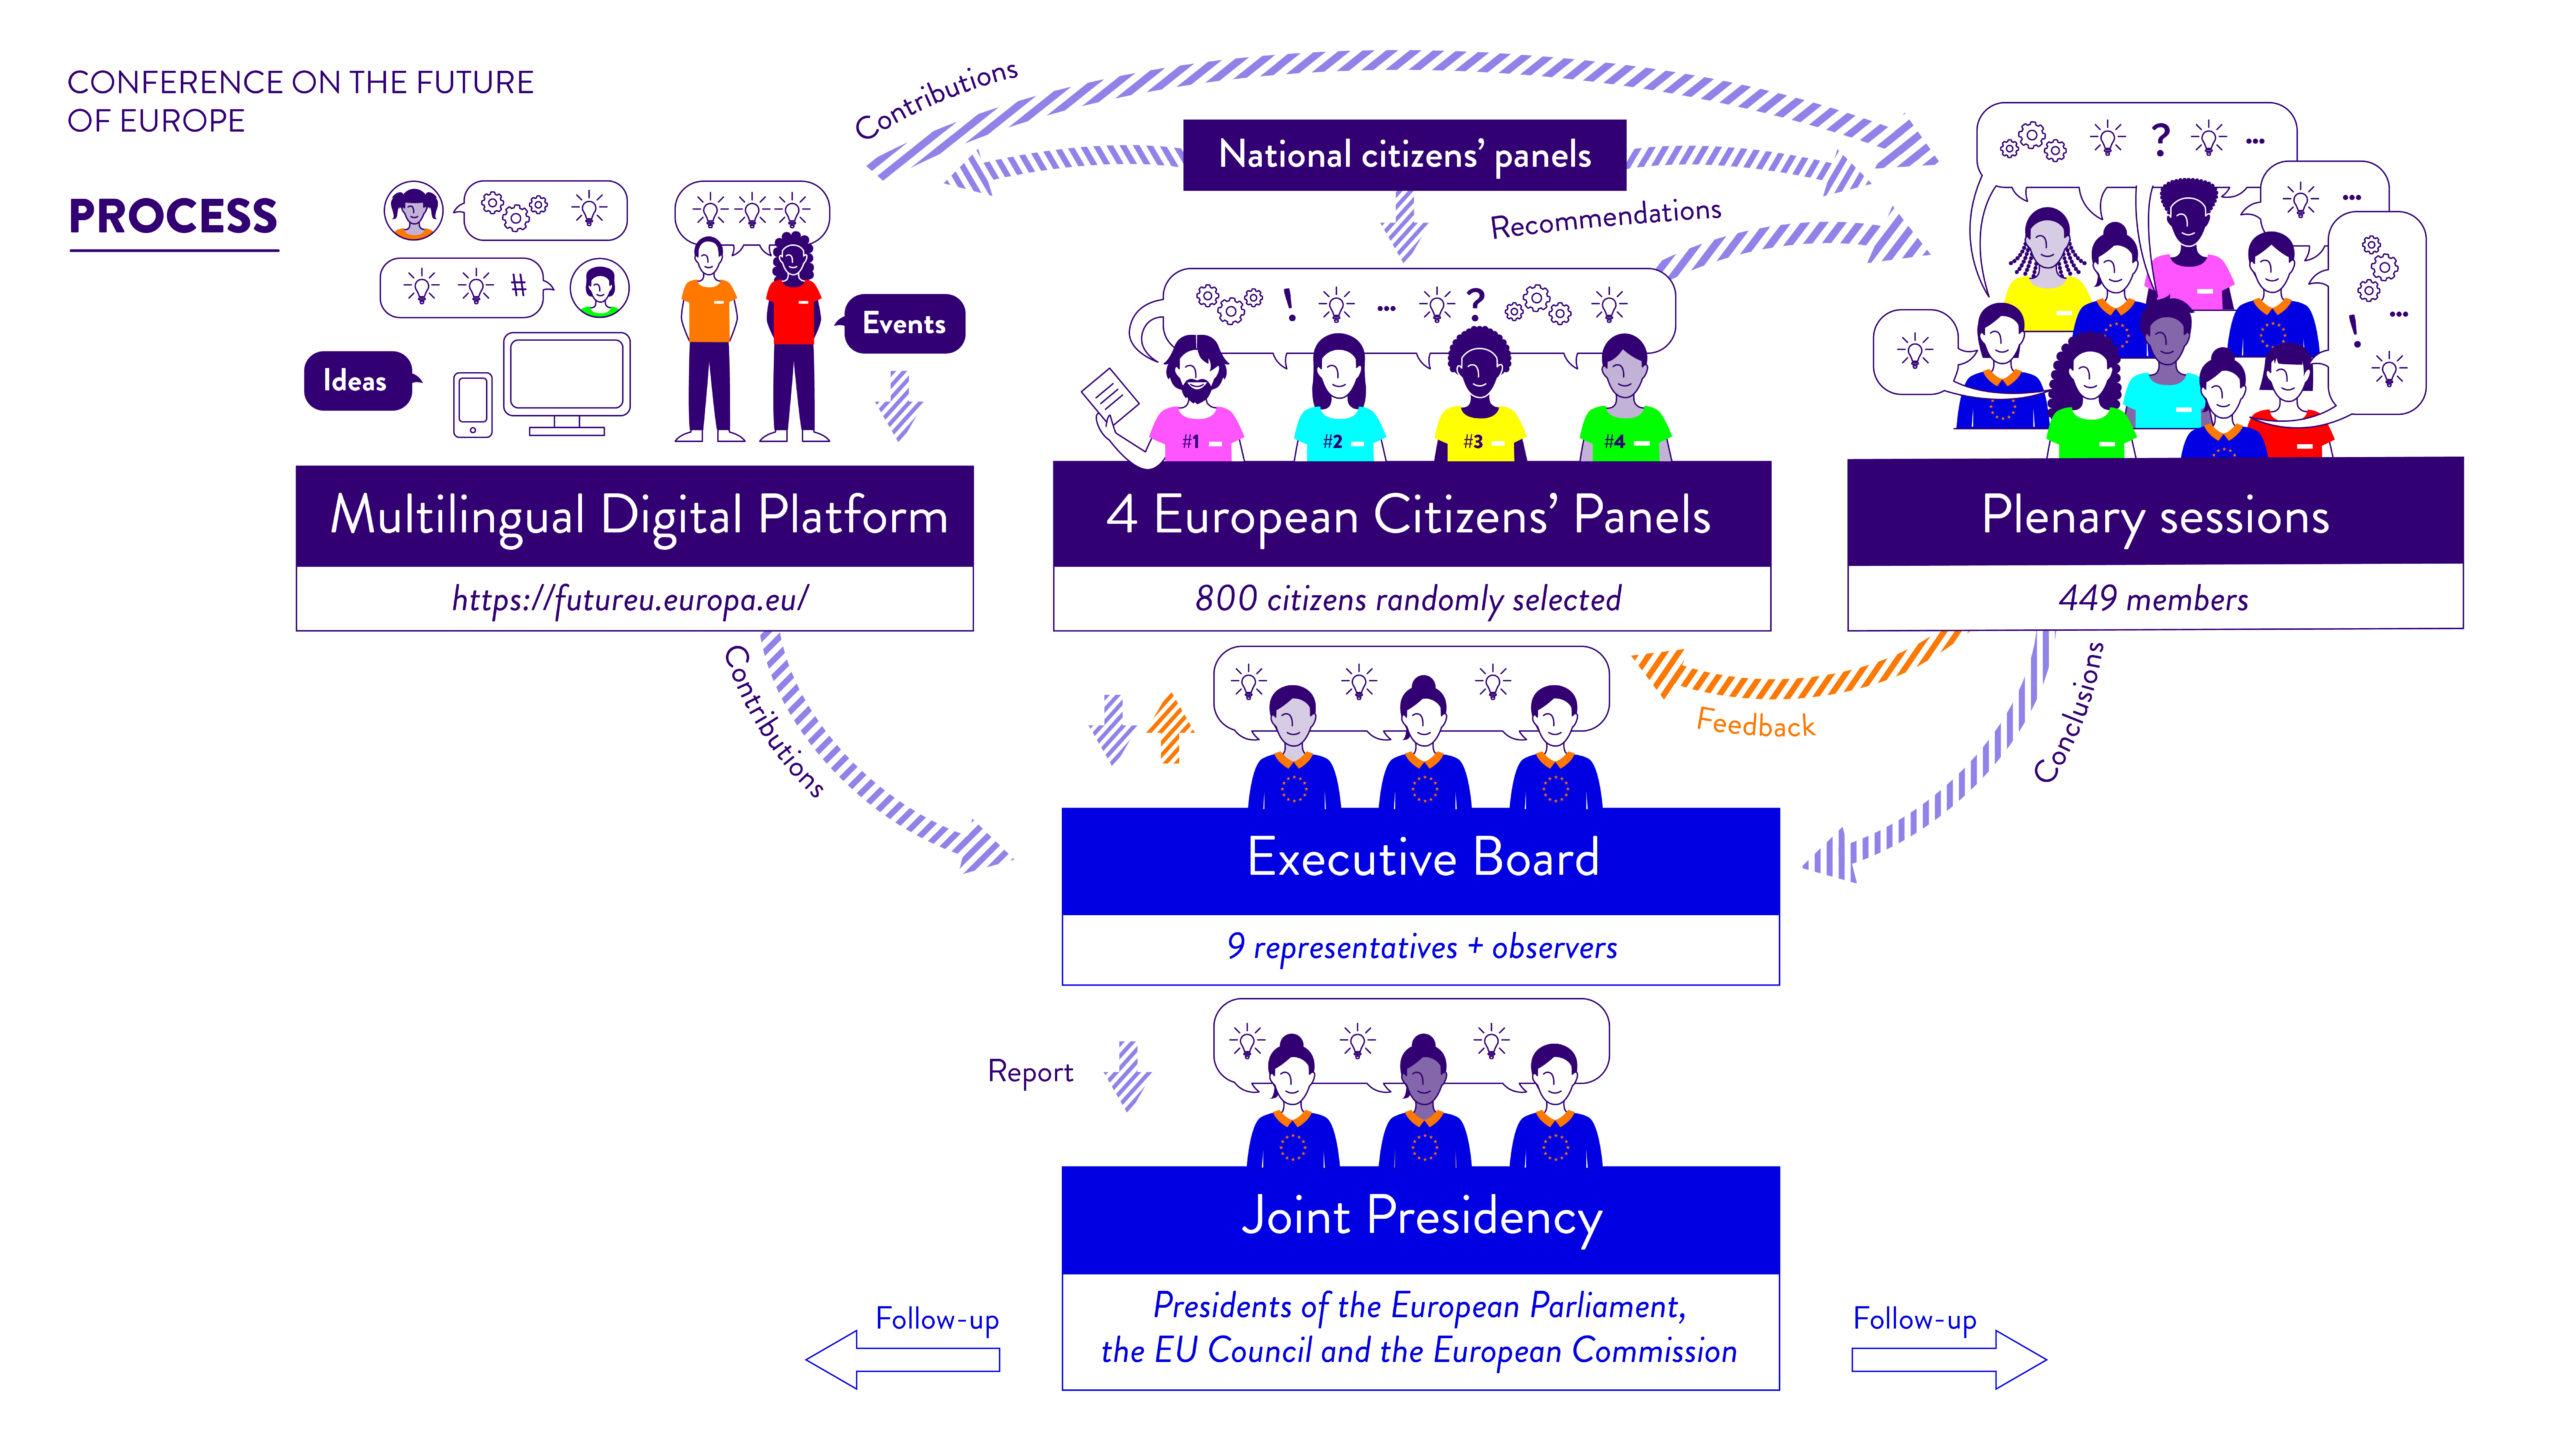 Conferencia sobre el Futuro de Europa: Pleno para debatir las contribuciones de los ciudadanos